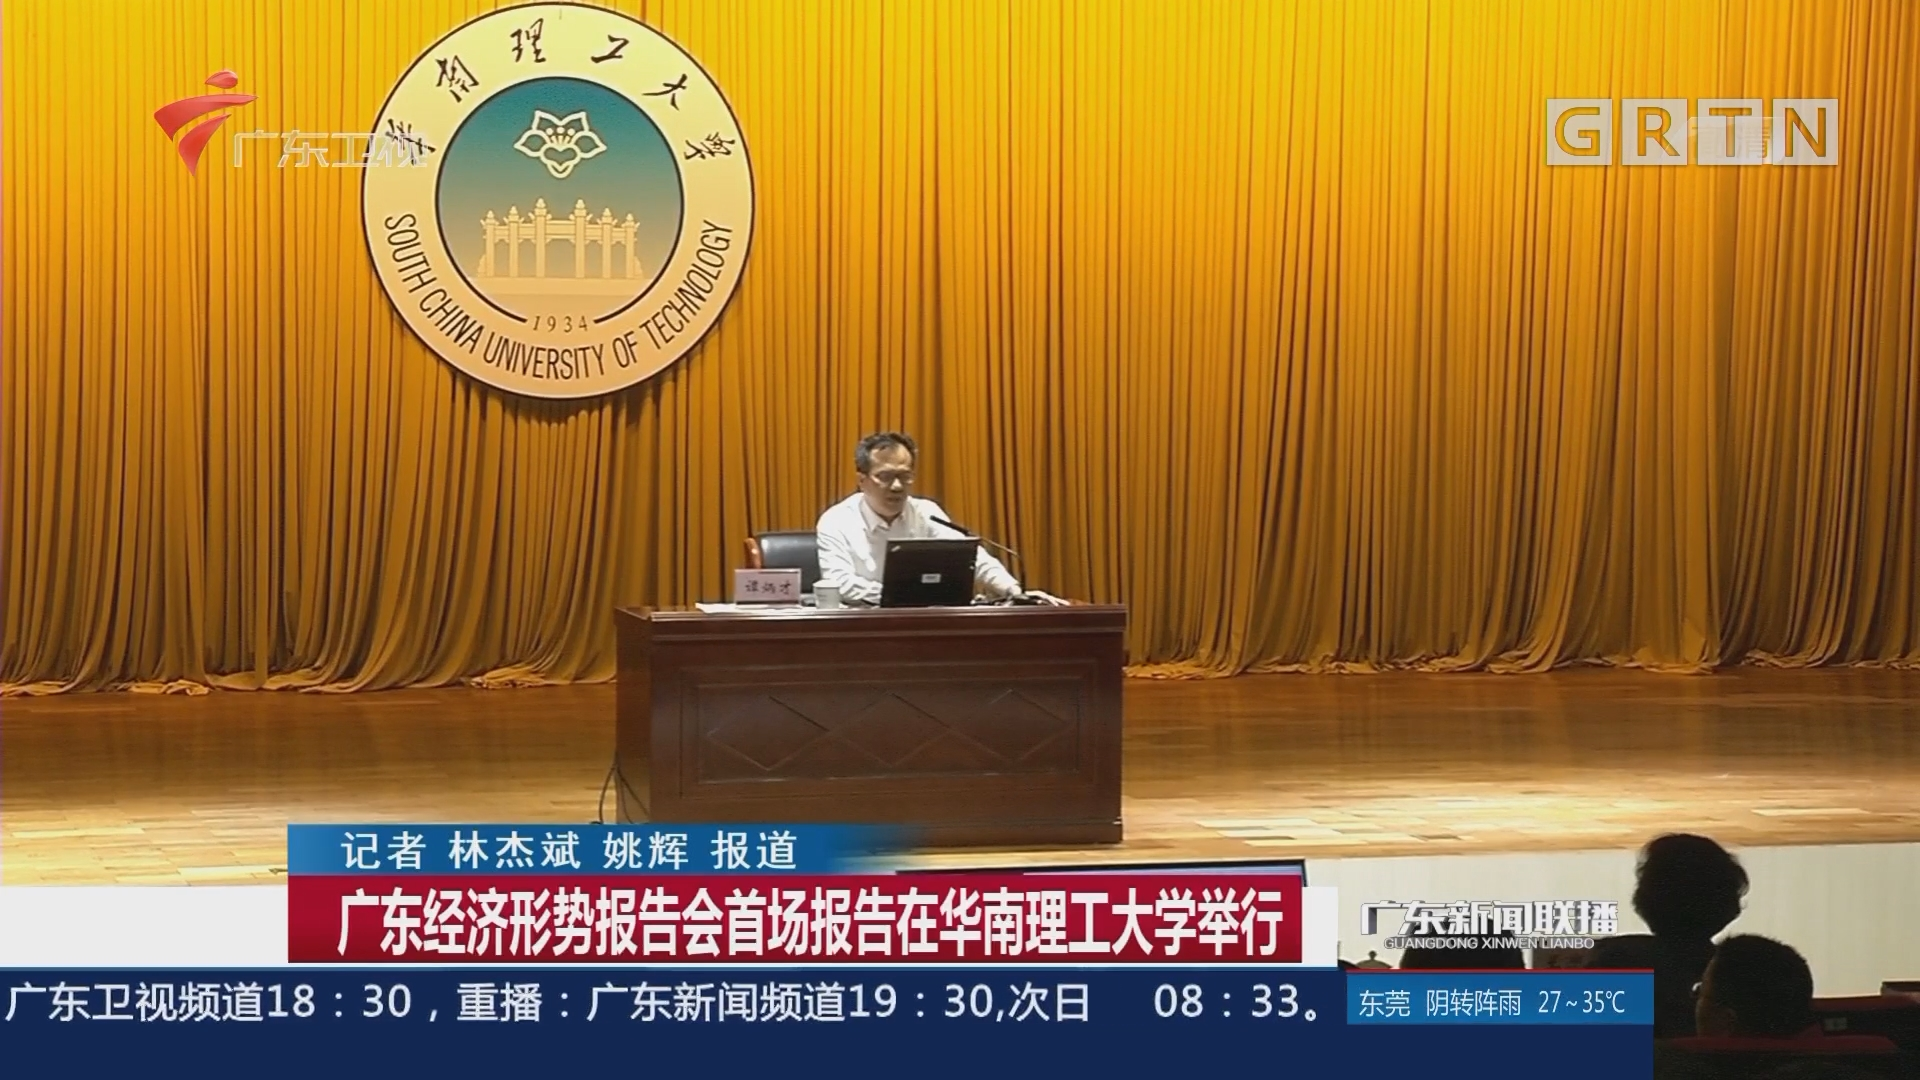 广东经济形势报告会首场报告在华南理工大学举行